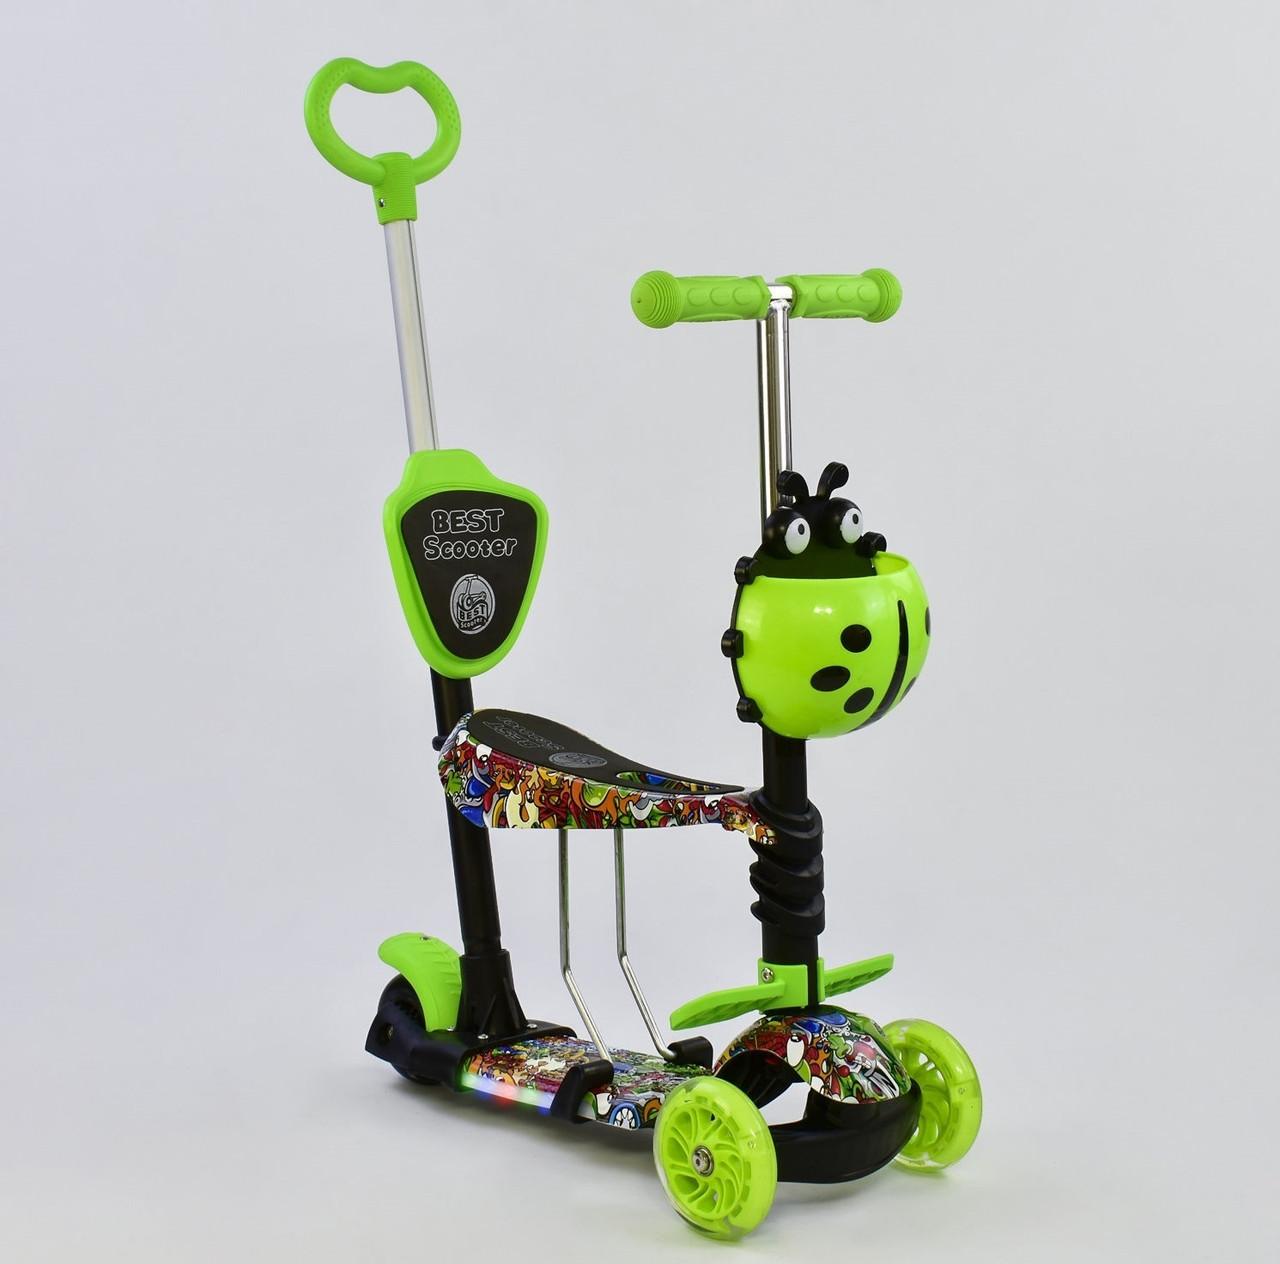 Best Scooter Самокат 5 в 1 Best Scooter 59050 Green/Graffiti (59050)